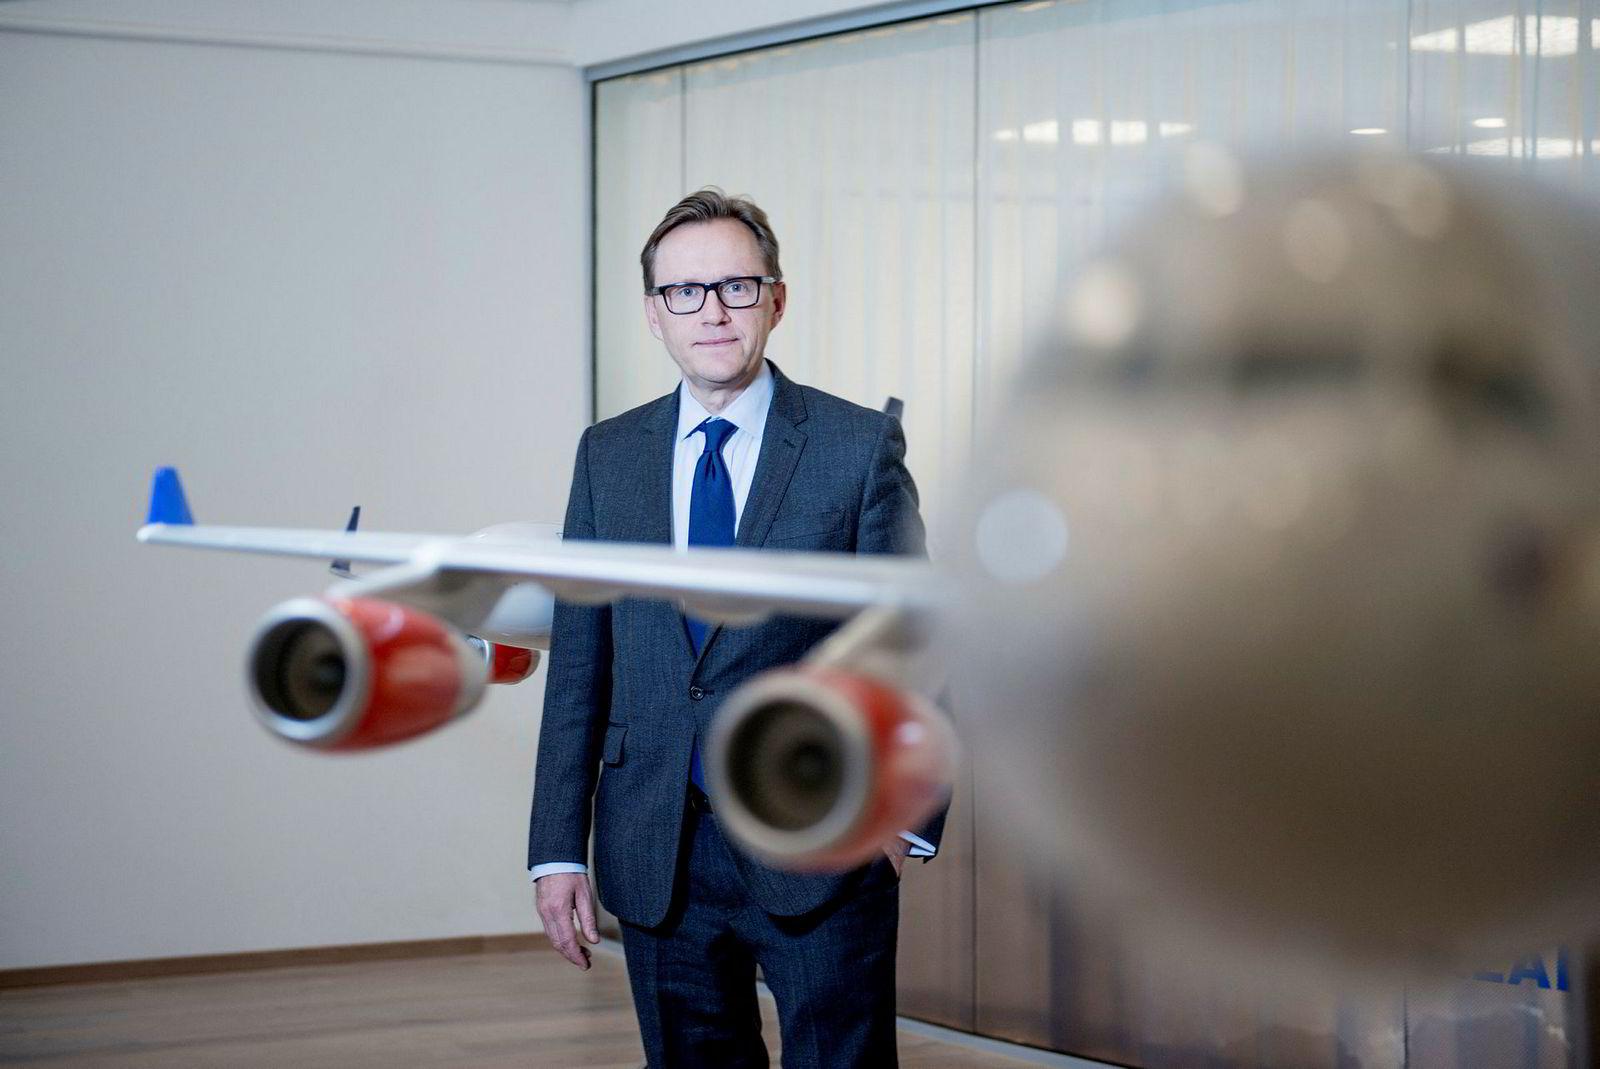 SAS' finansdirektør Torbjørn Wist kan ikke love direkteruter fra Norge til Kina, men flyr fra København og Stockholm. Om kort tid blir all trafikk samlet i København.